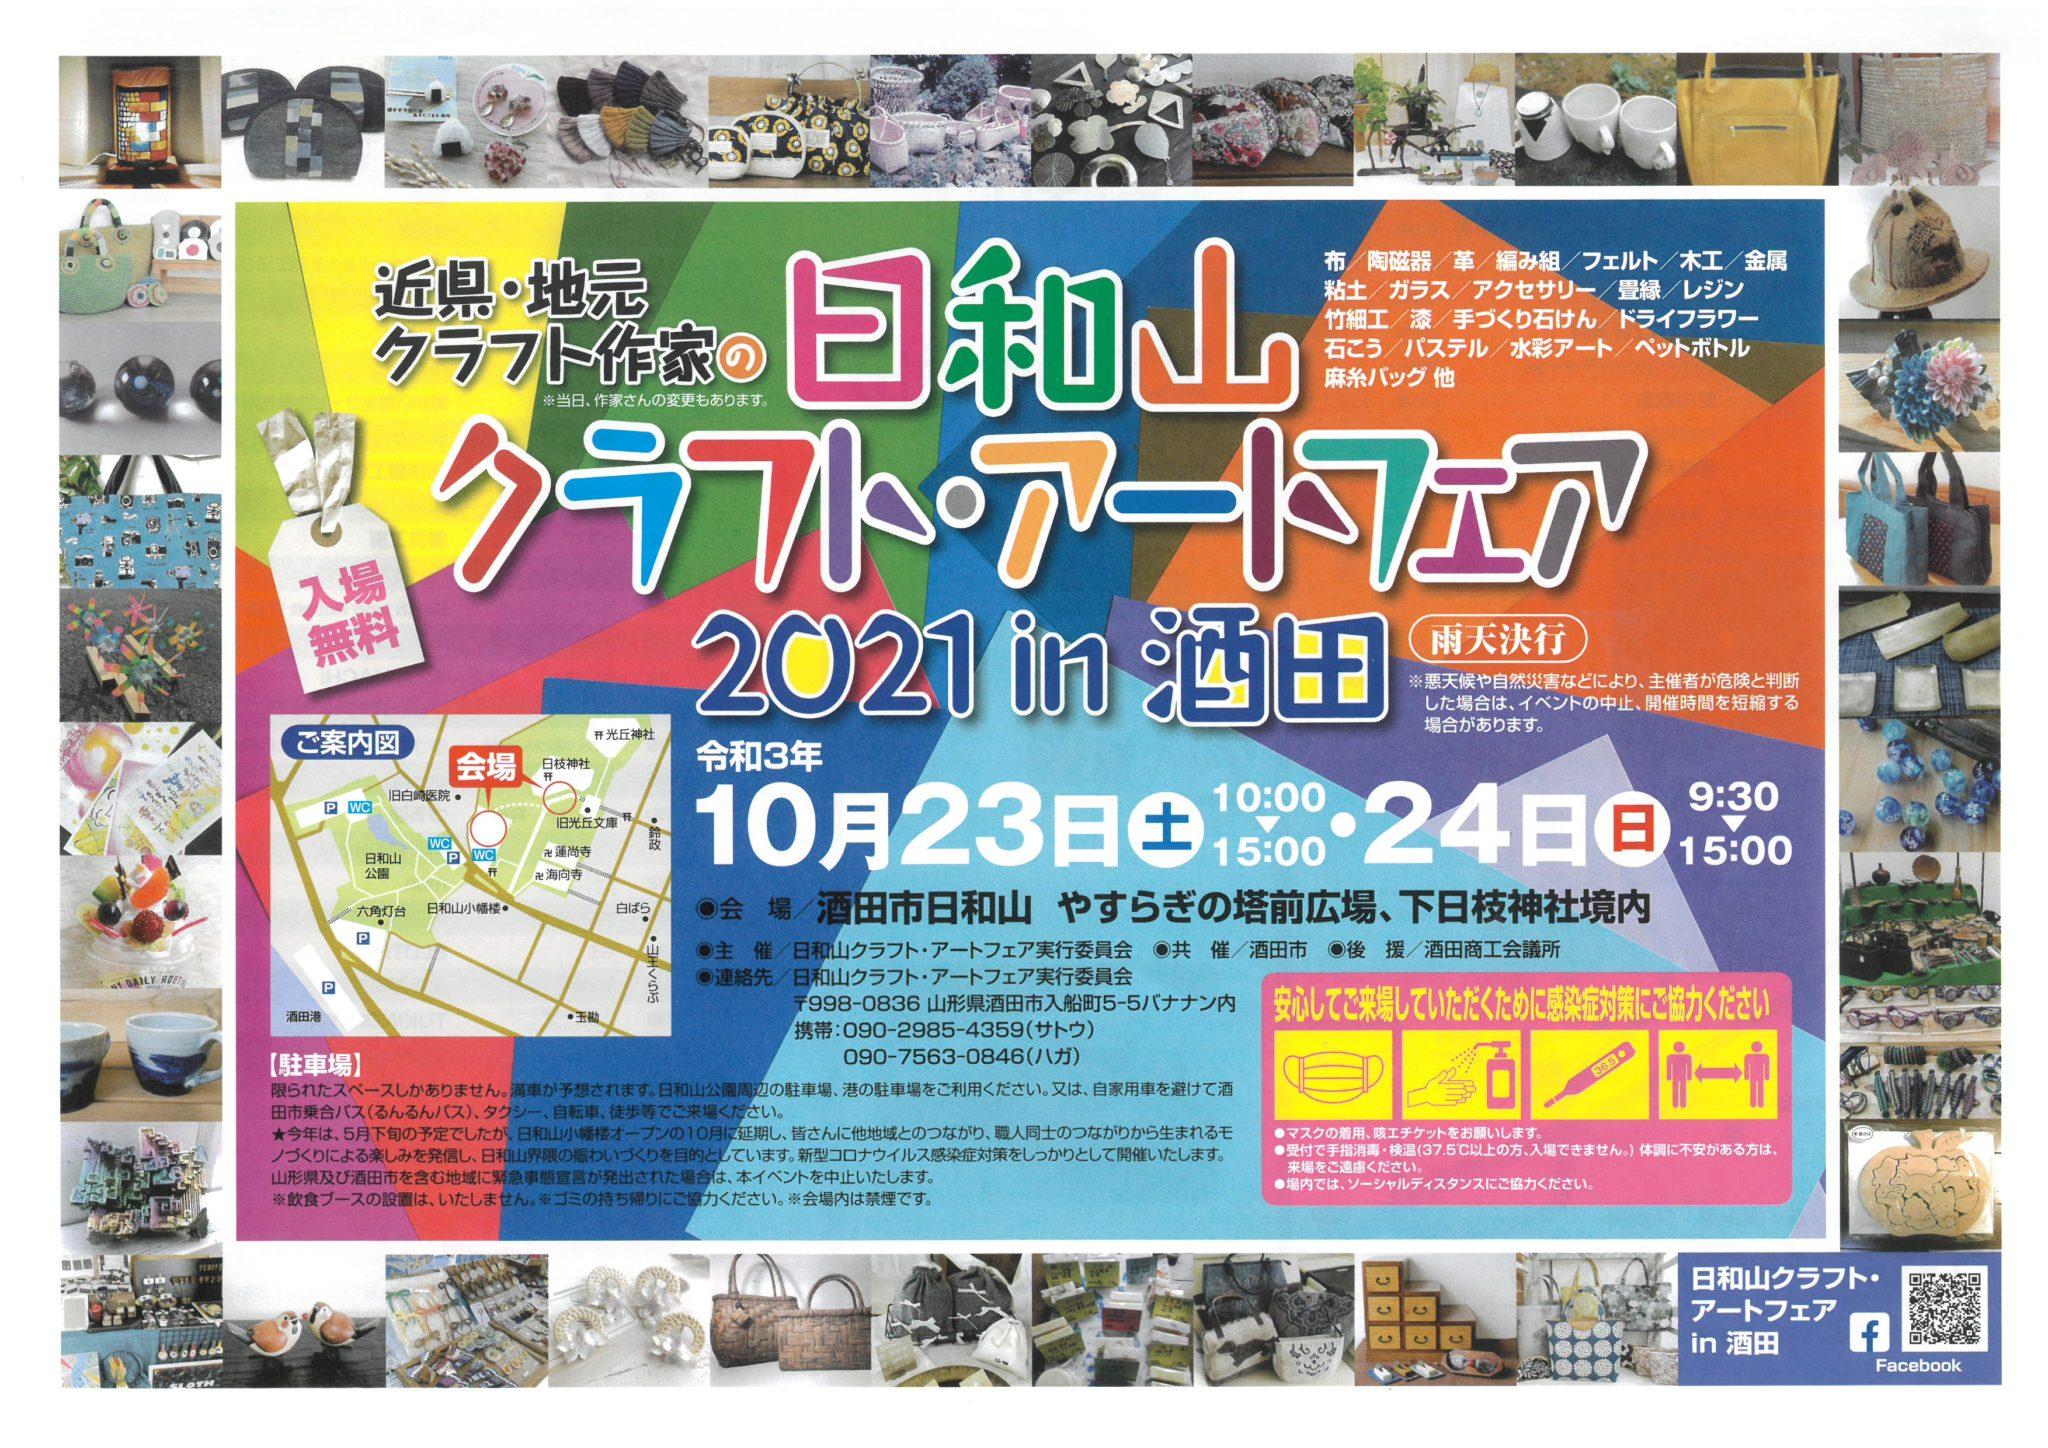 日和山クラフト・アートフェア 2021 in 酒田